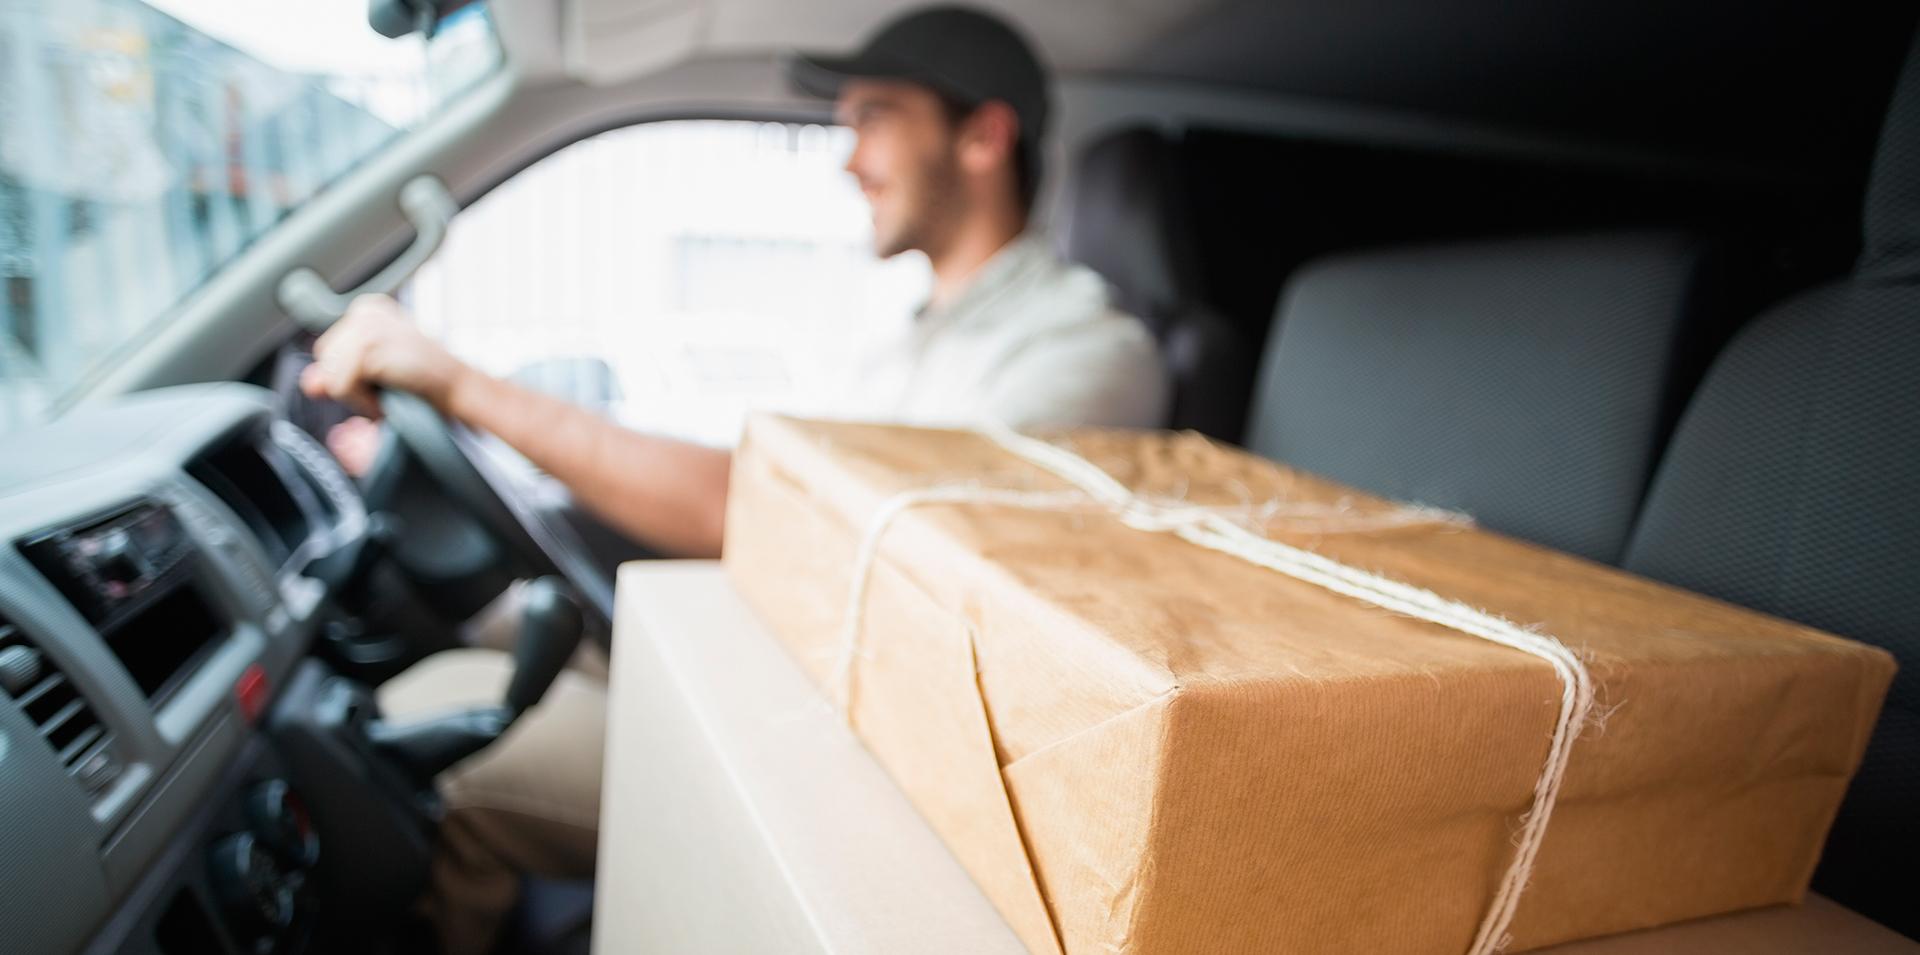 um entregador com umas caixas, para demonstrar a logística da venda online